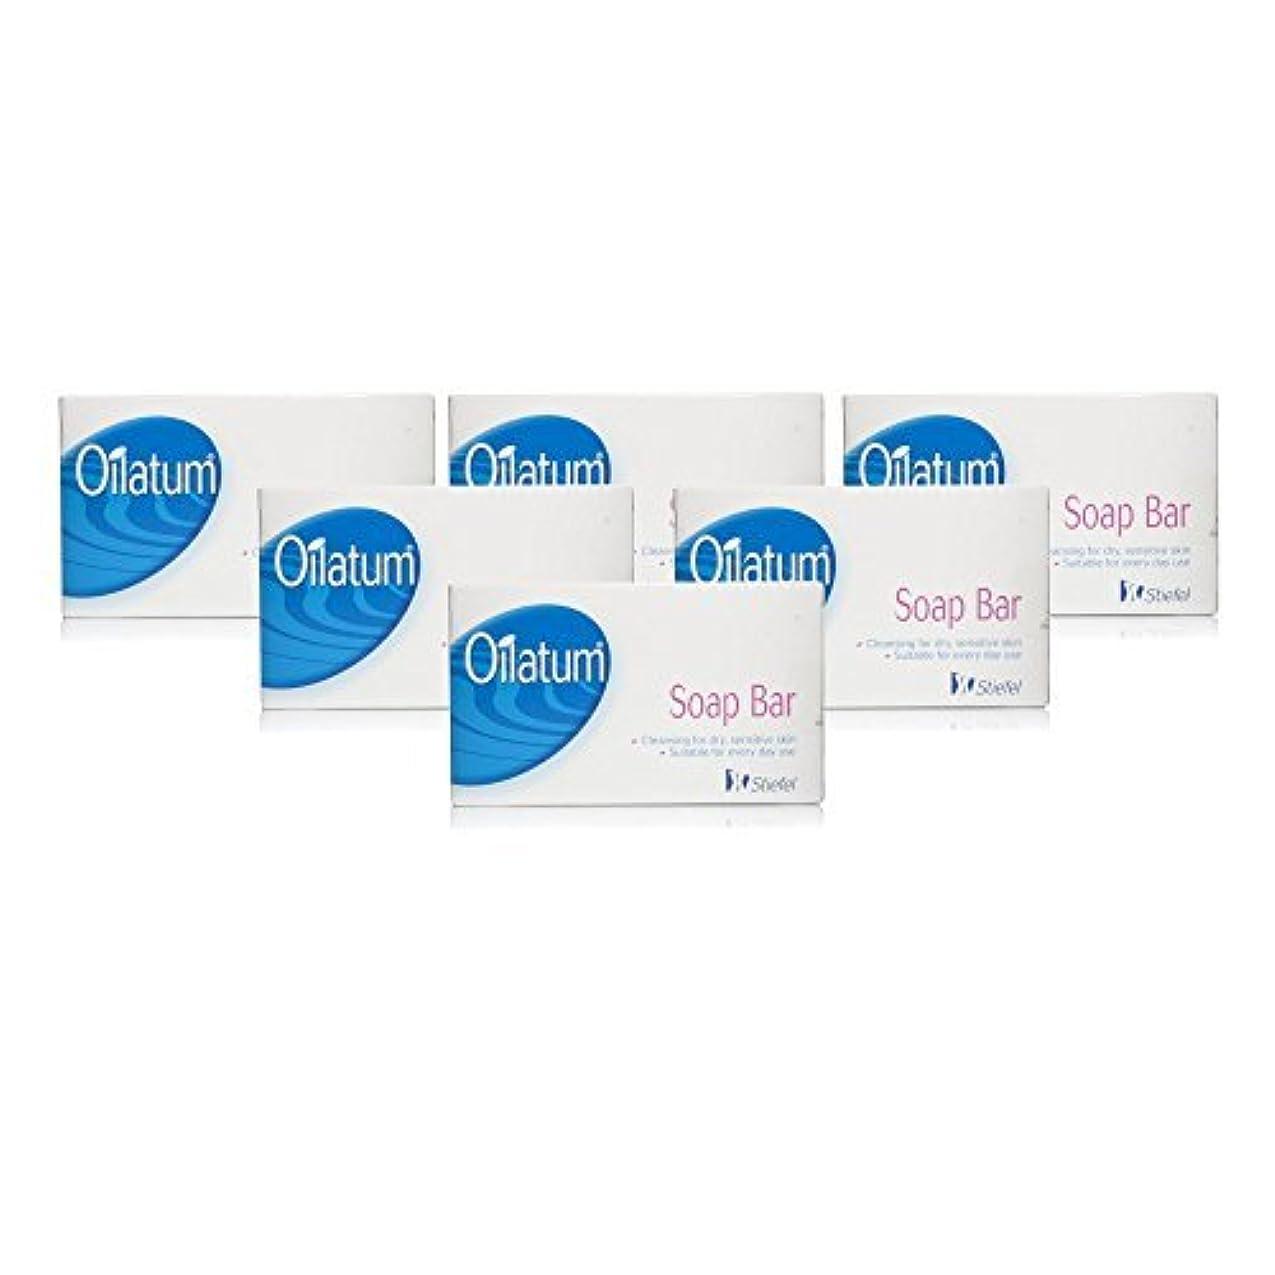 期限切れ寛大さ丁寧Oilatum Soap Bar 6 Pack by Oilatum